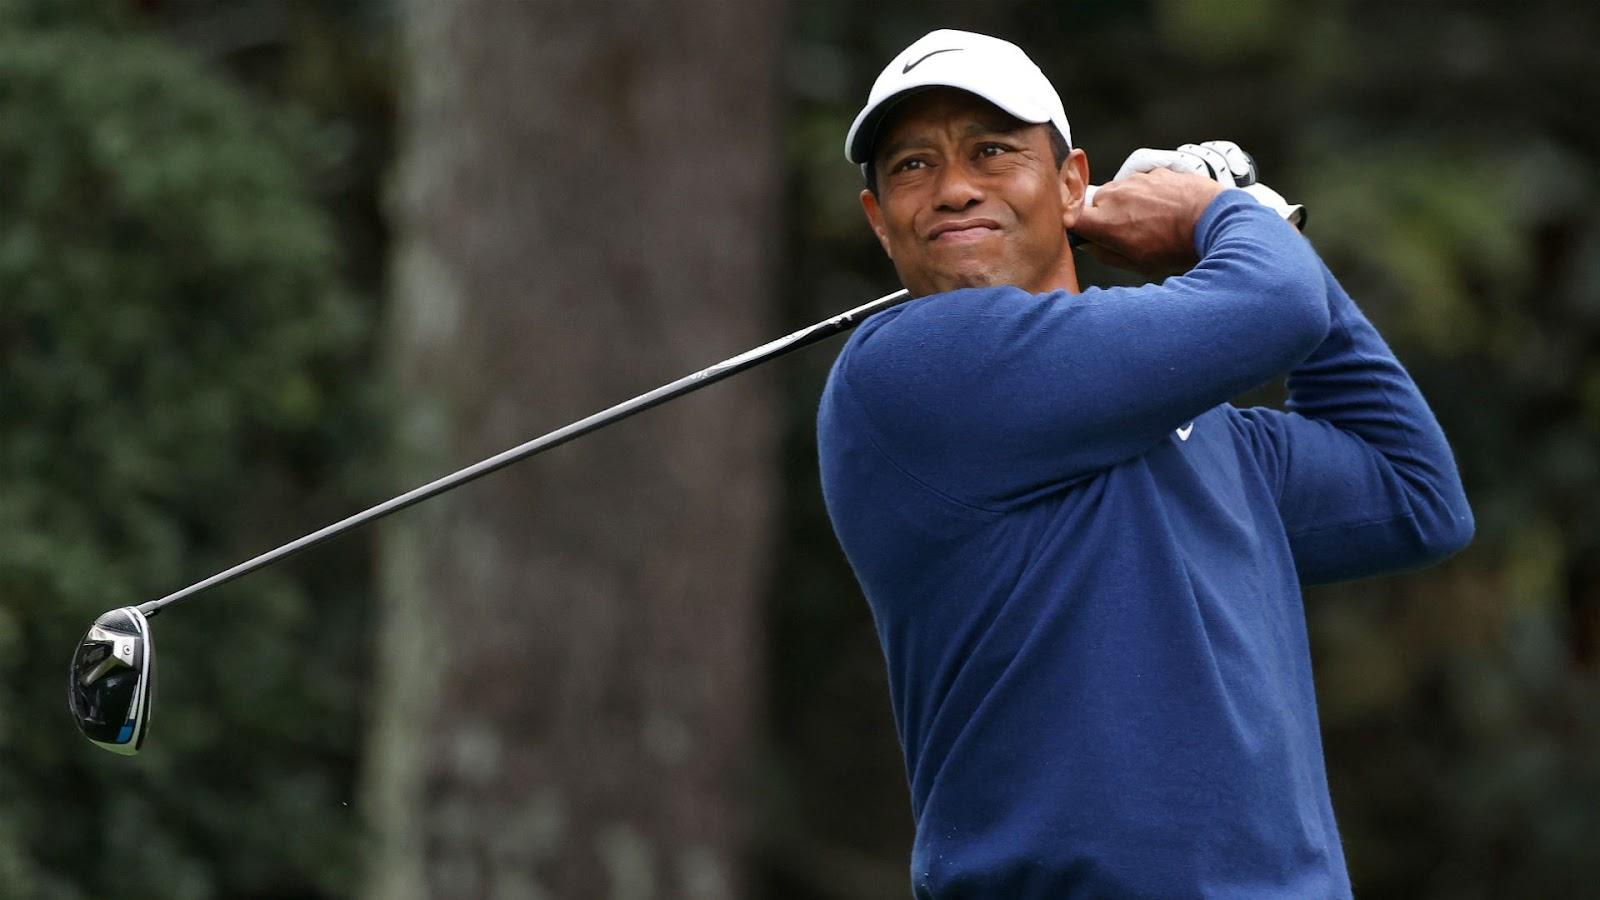 Tiger Woods cho biết cách giải tỏa và điều khiển căng thẳng là chìa khóa